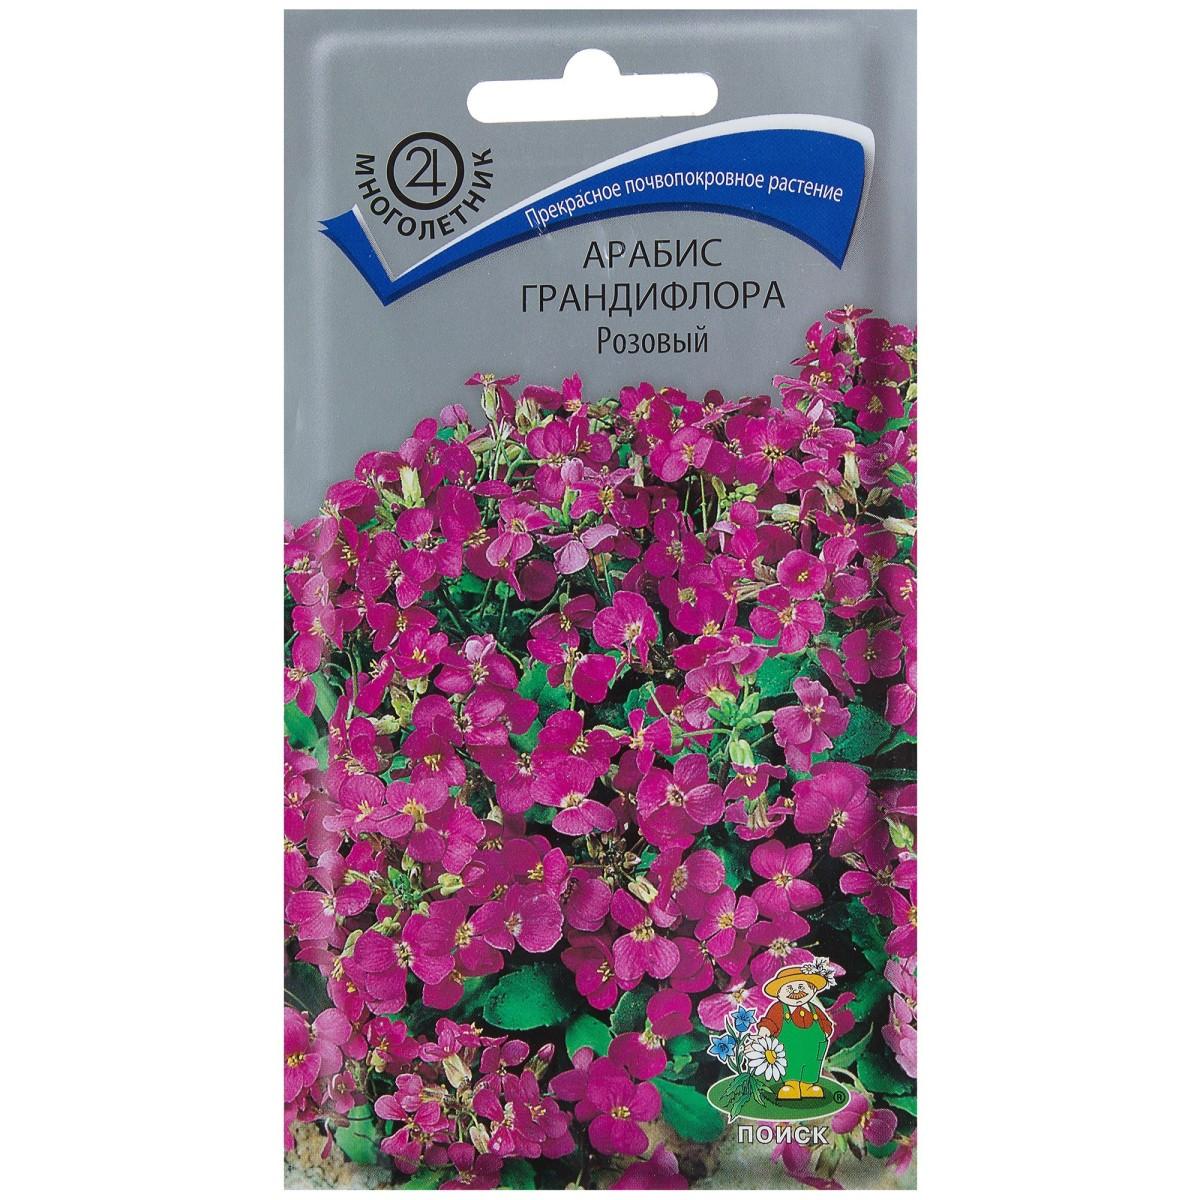 Арабис грандифлора цвет розовый